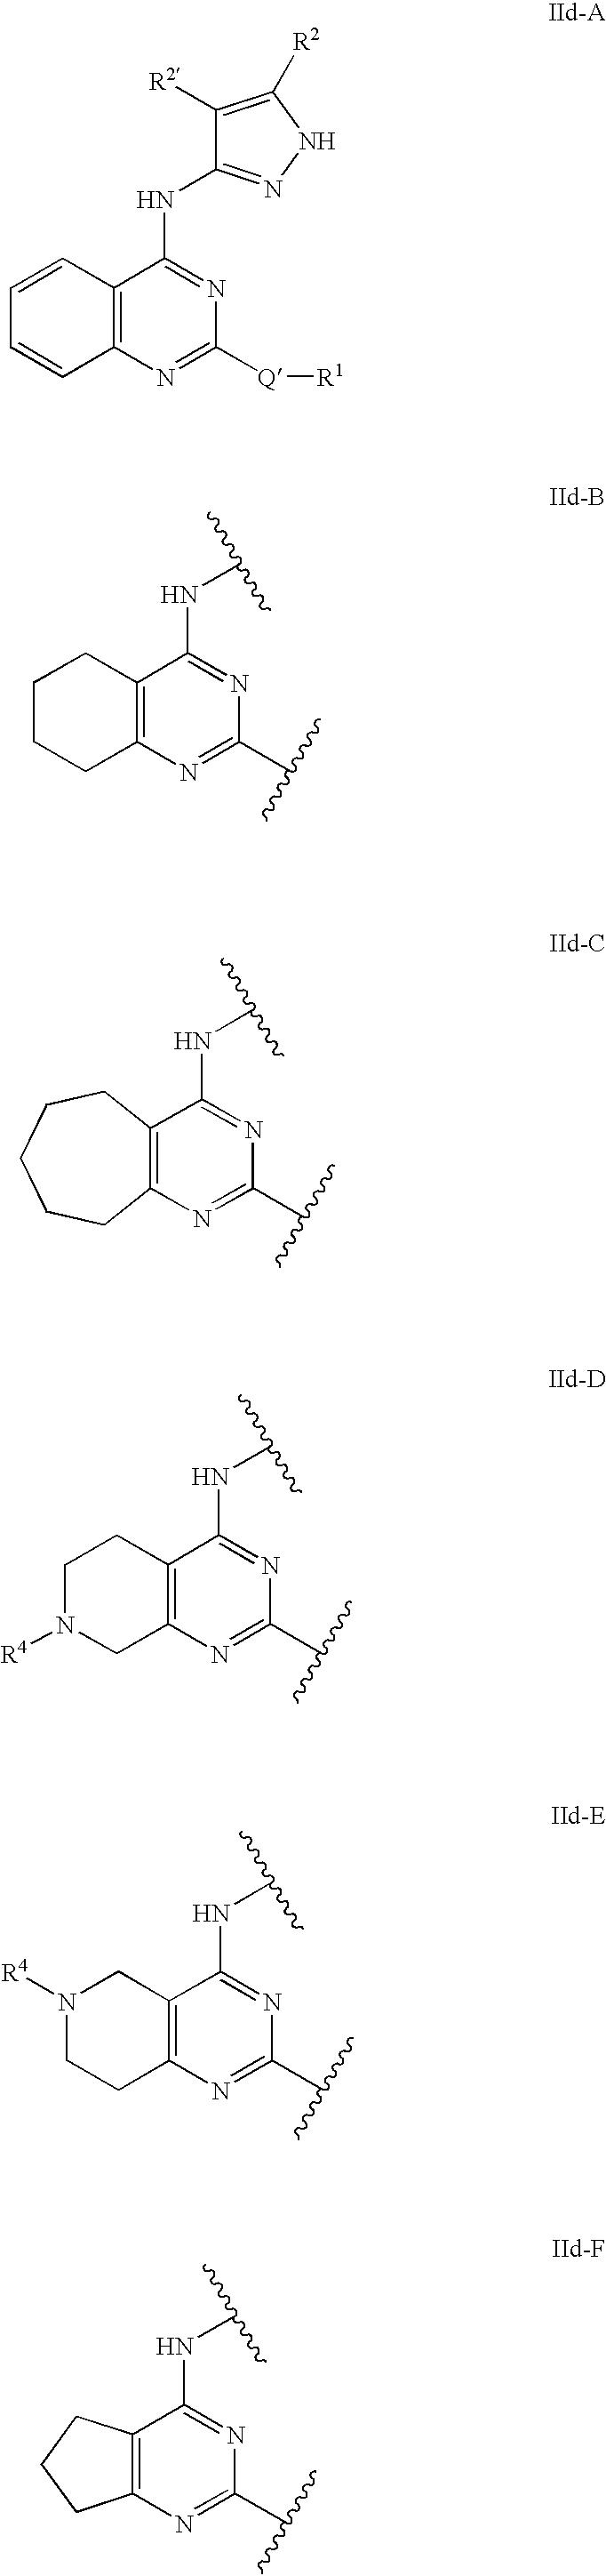 Figure US07531536-20090512-C00210